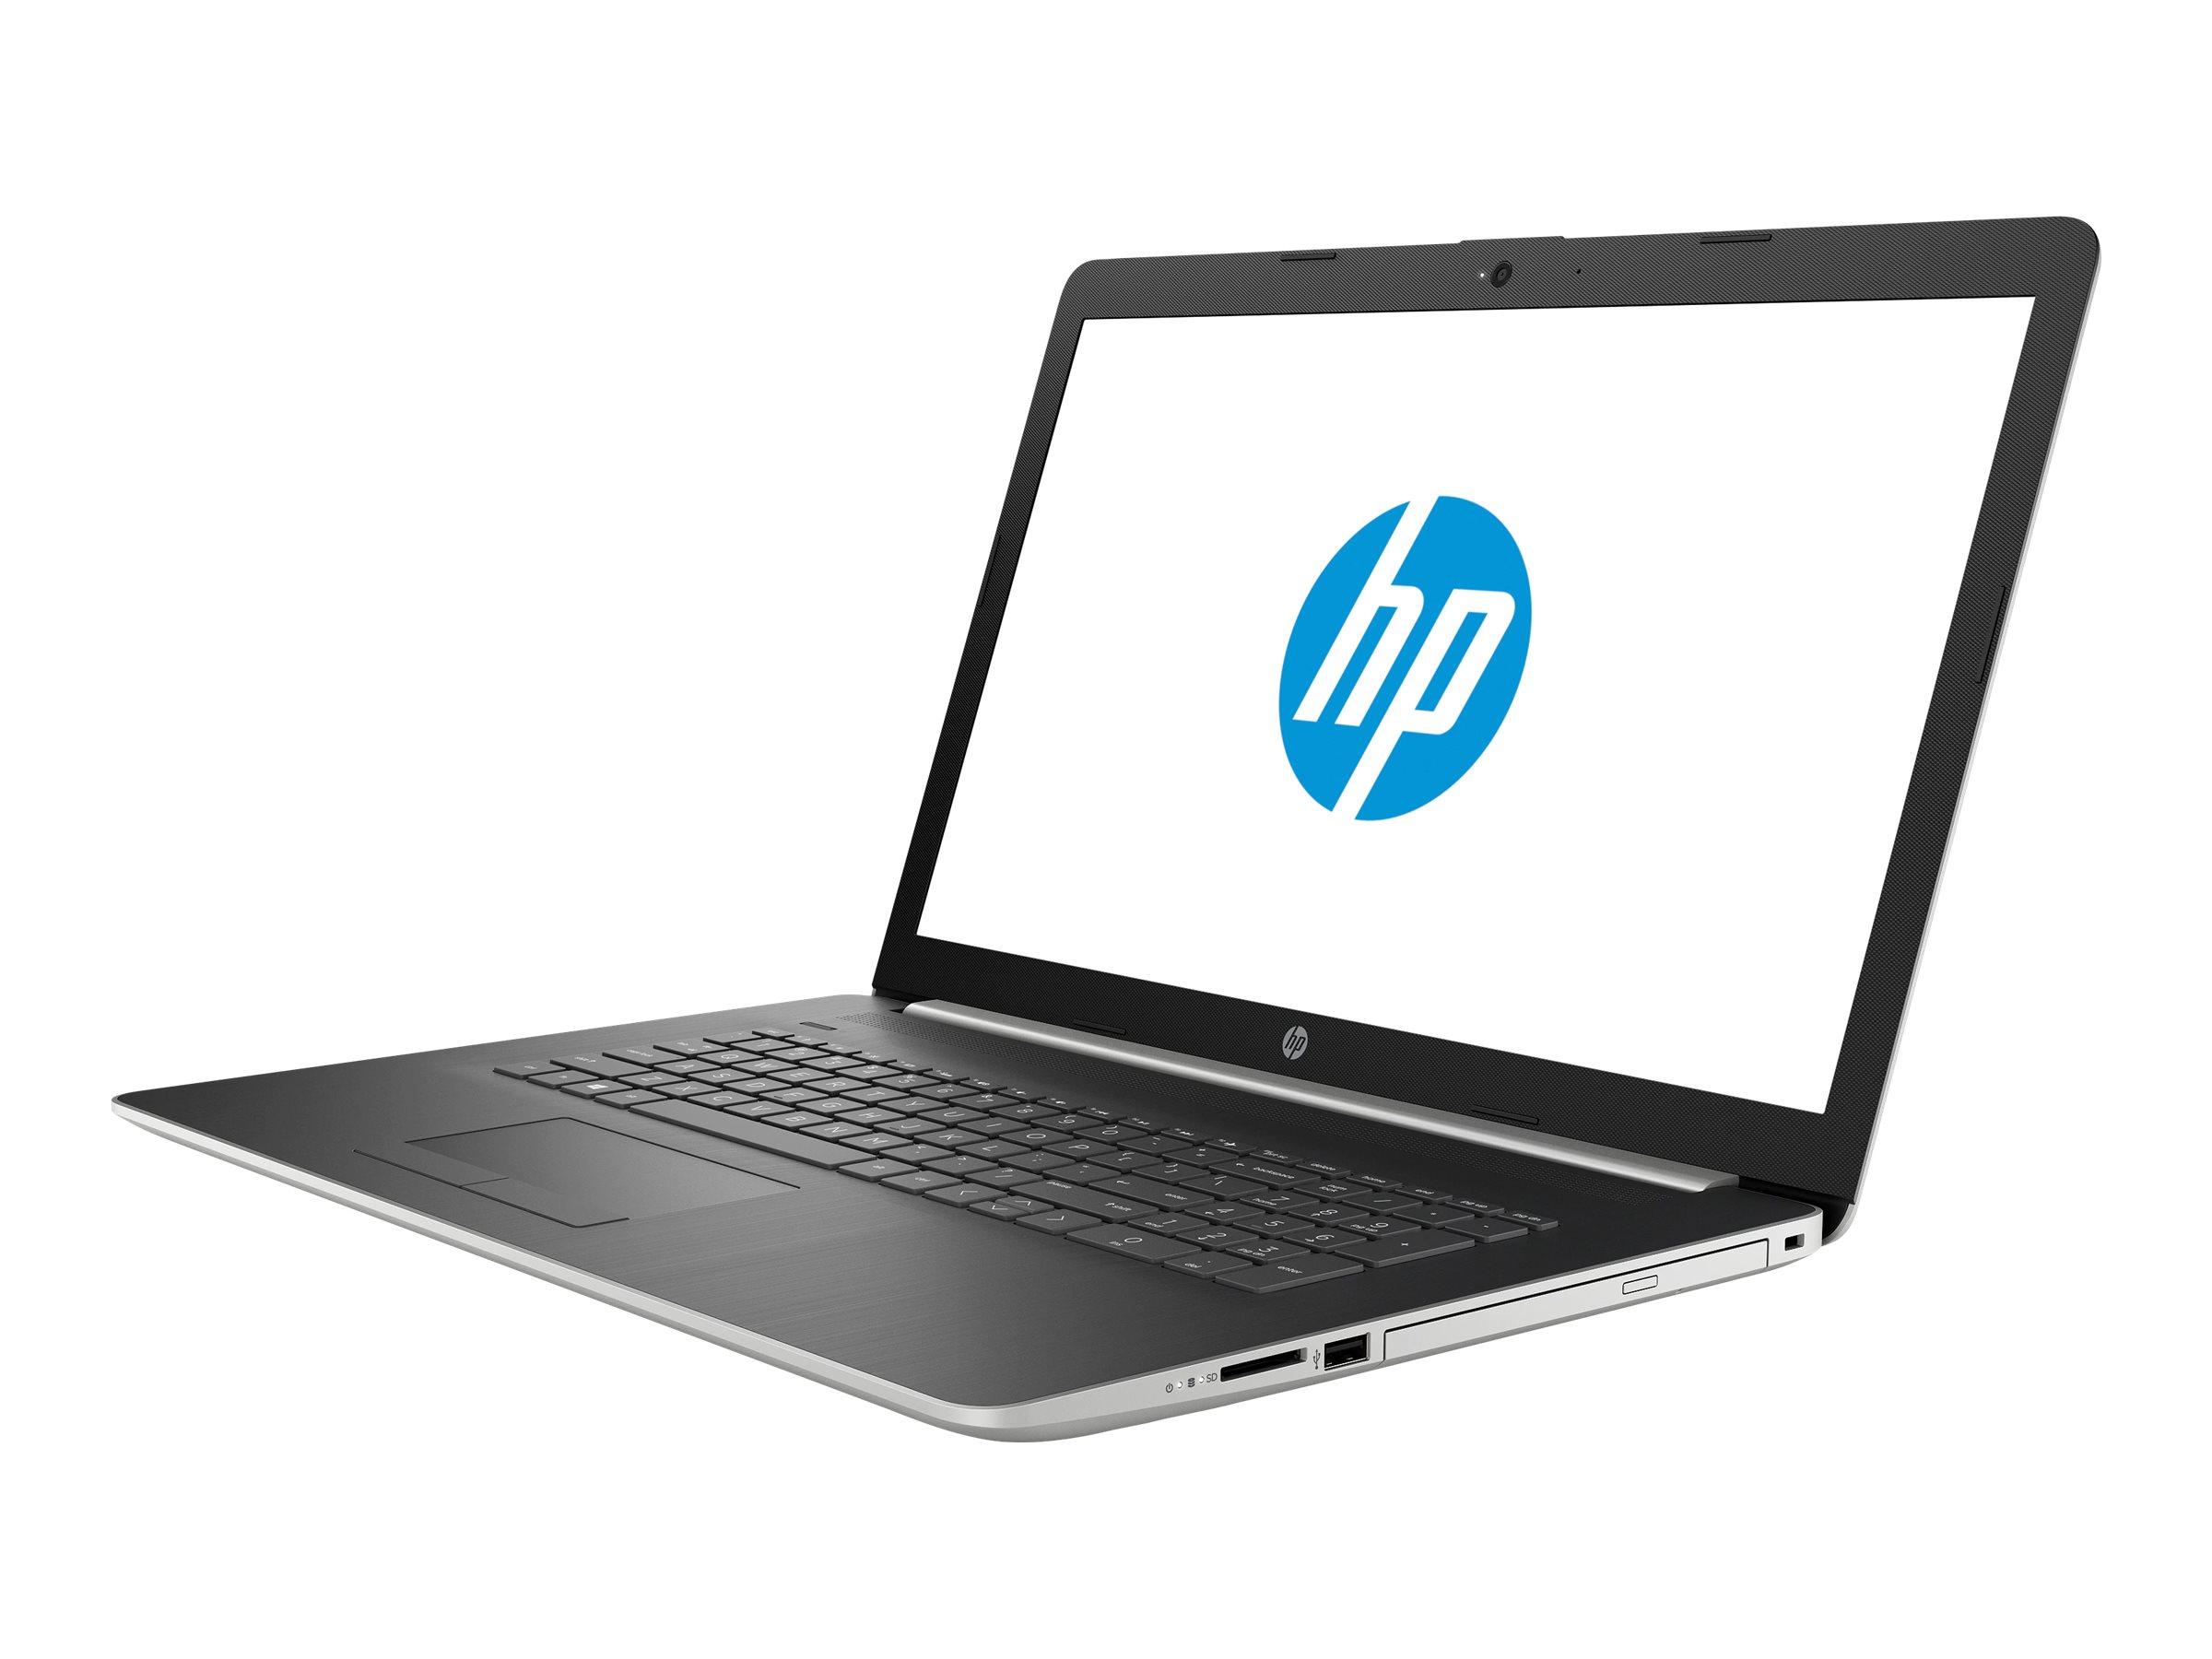 HP 17-ca0013ng Silber Notebook 43,9 cm (17.3 Zoll) 1920 x 1080 Pixel 2 GHz AMD Ryzen 5 2500U